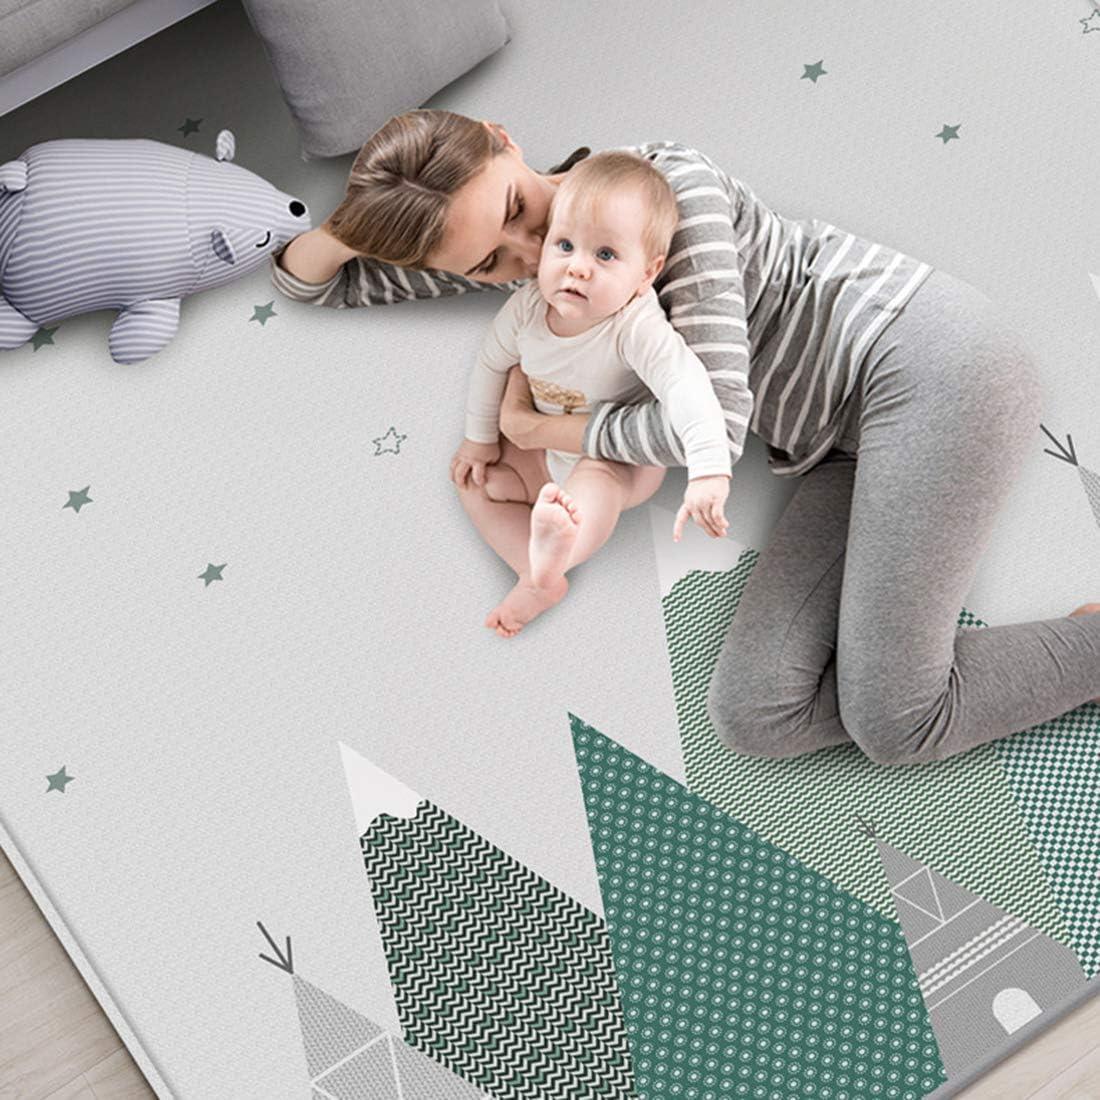 GANADA Tapis de Sol Tapis Jeu pour B/éb/é Tapis de Jeu XXXL pour Enfant Rampe Tapis en Soie XPE Imperm/éable 200 x 180 x 1 cm